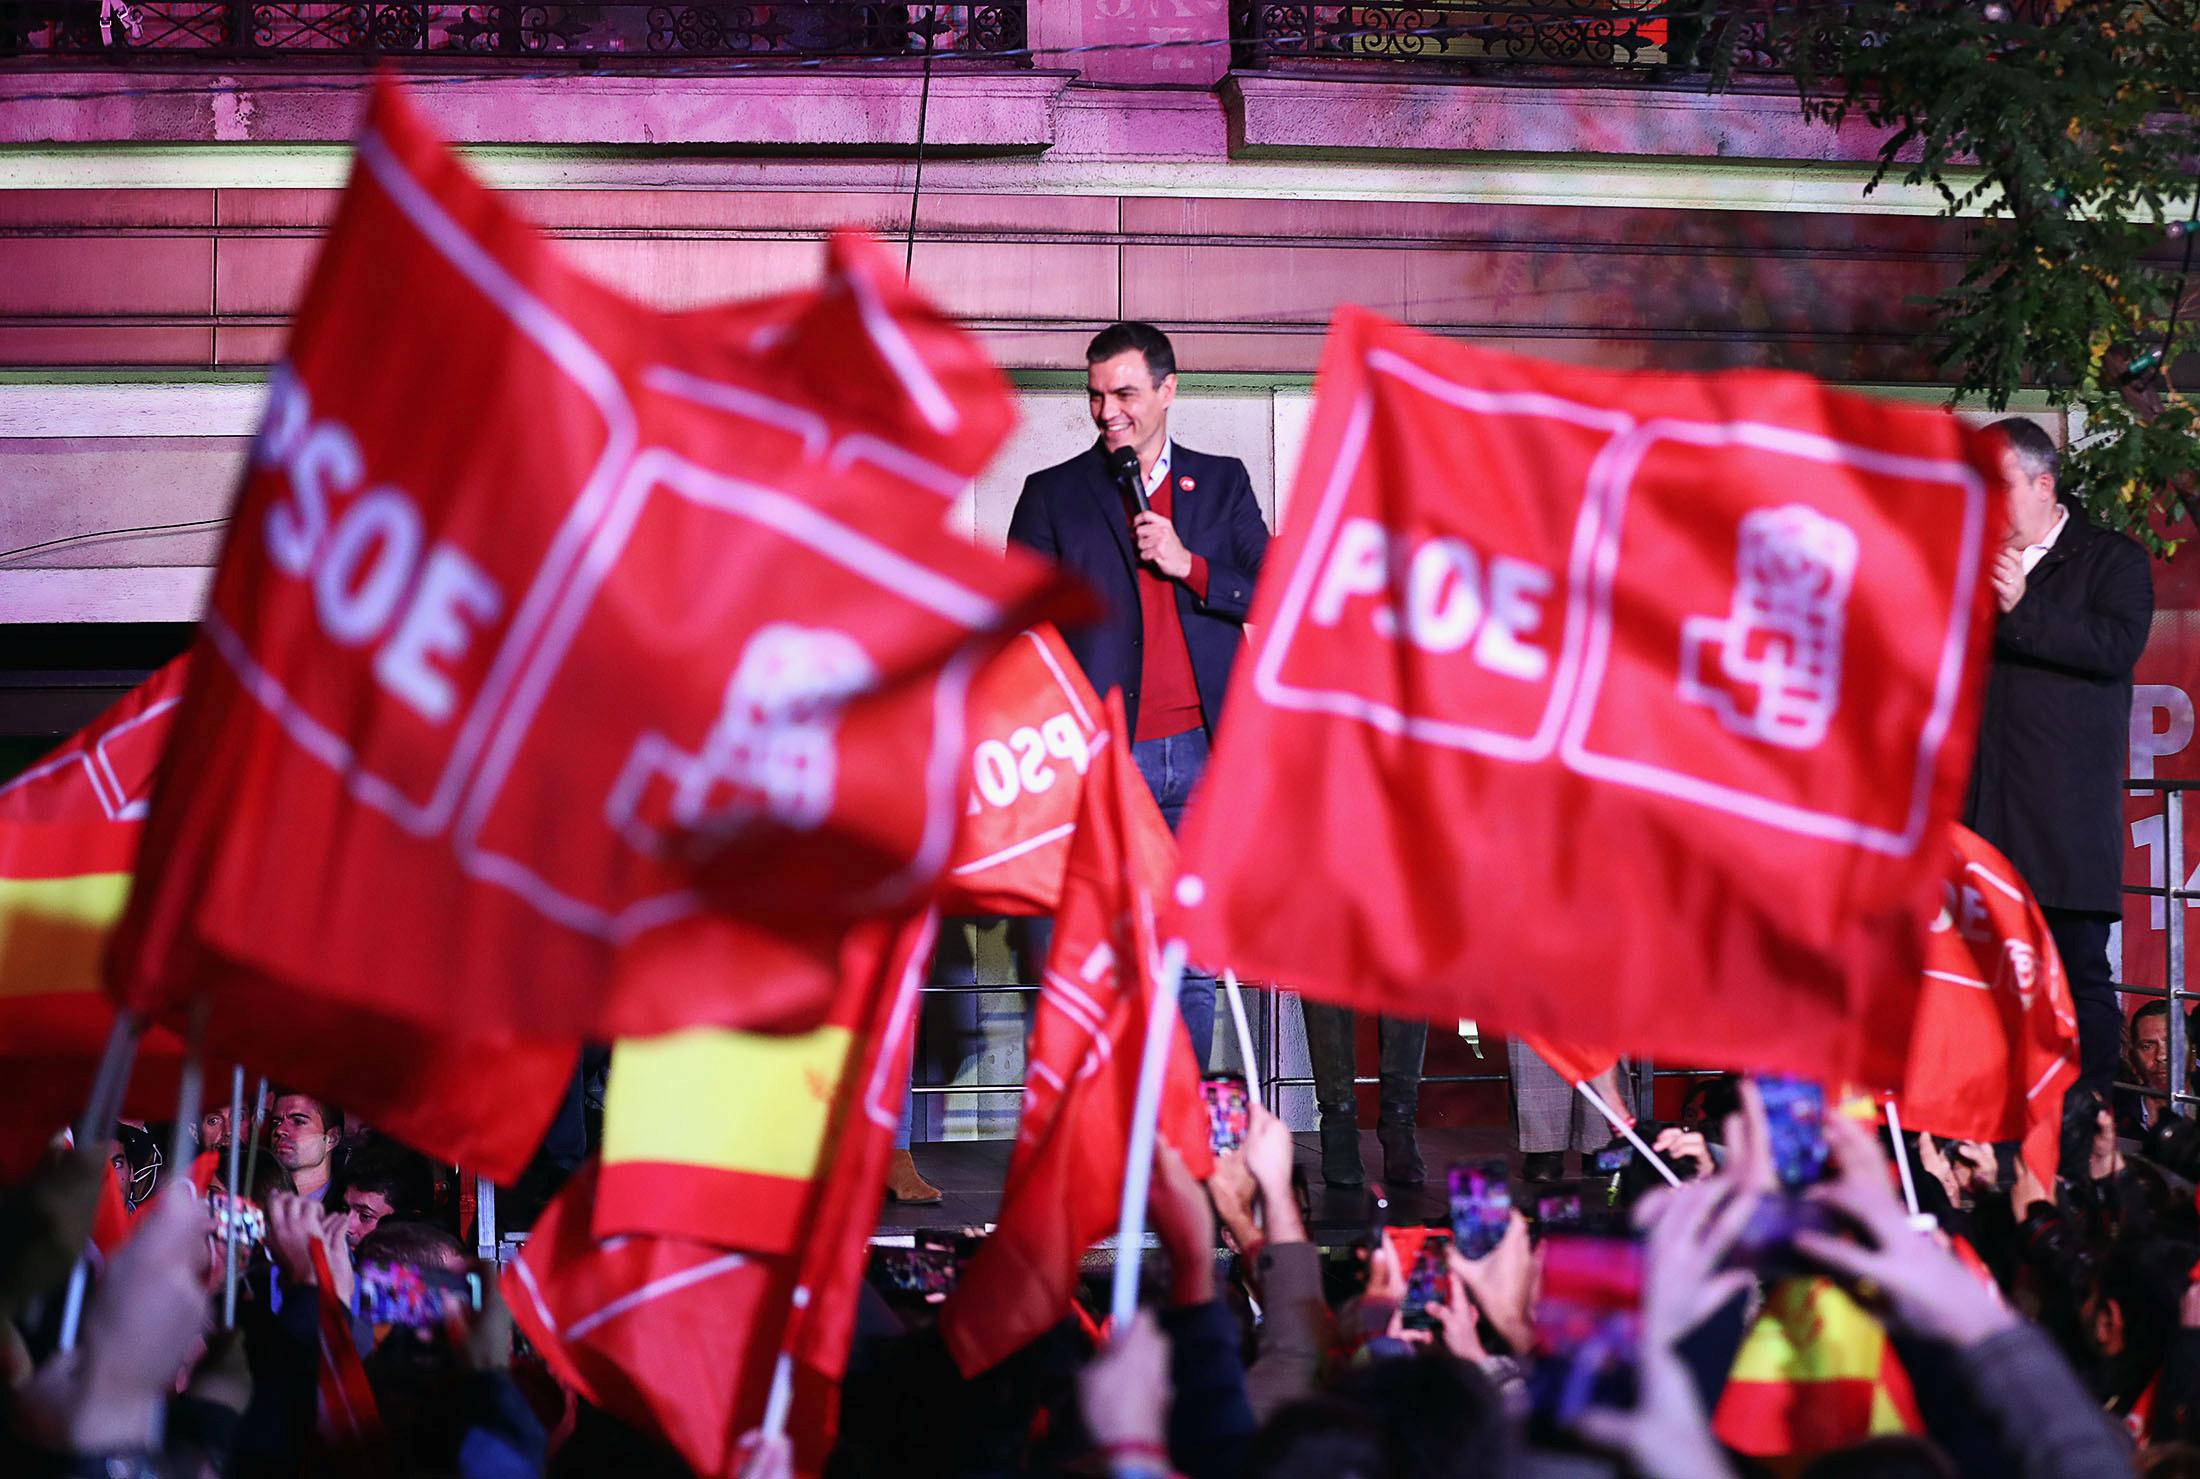 Ισπανία: Ξανά αδιέξοδο μετά τις εκλογές – Μεγάλος κερδισμένος το ακροδεξιό VOX